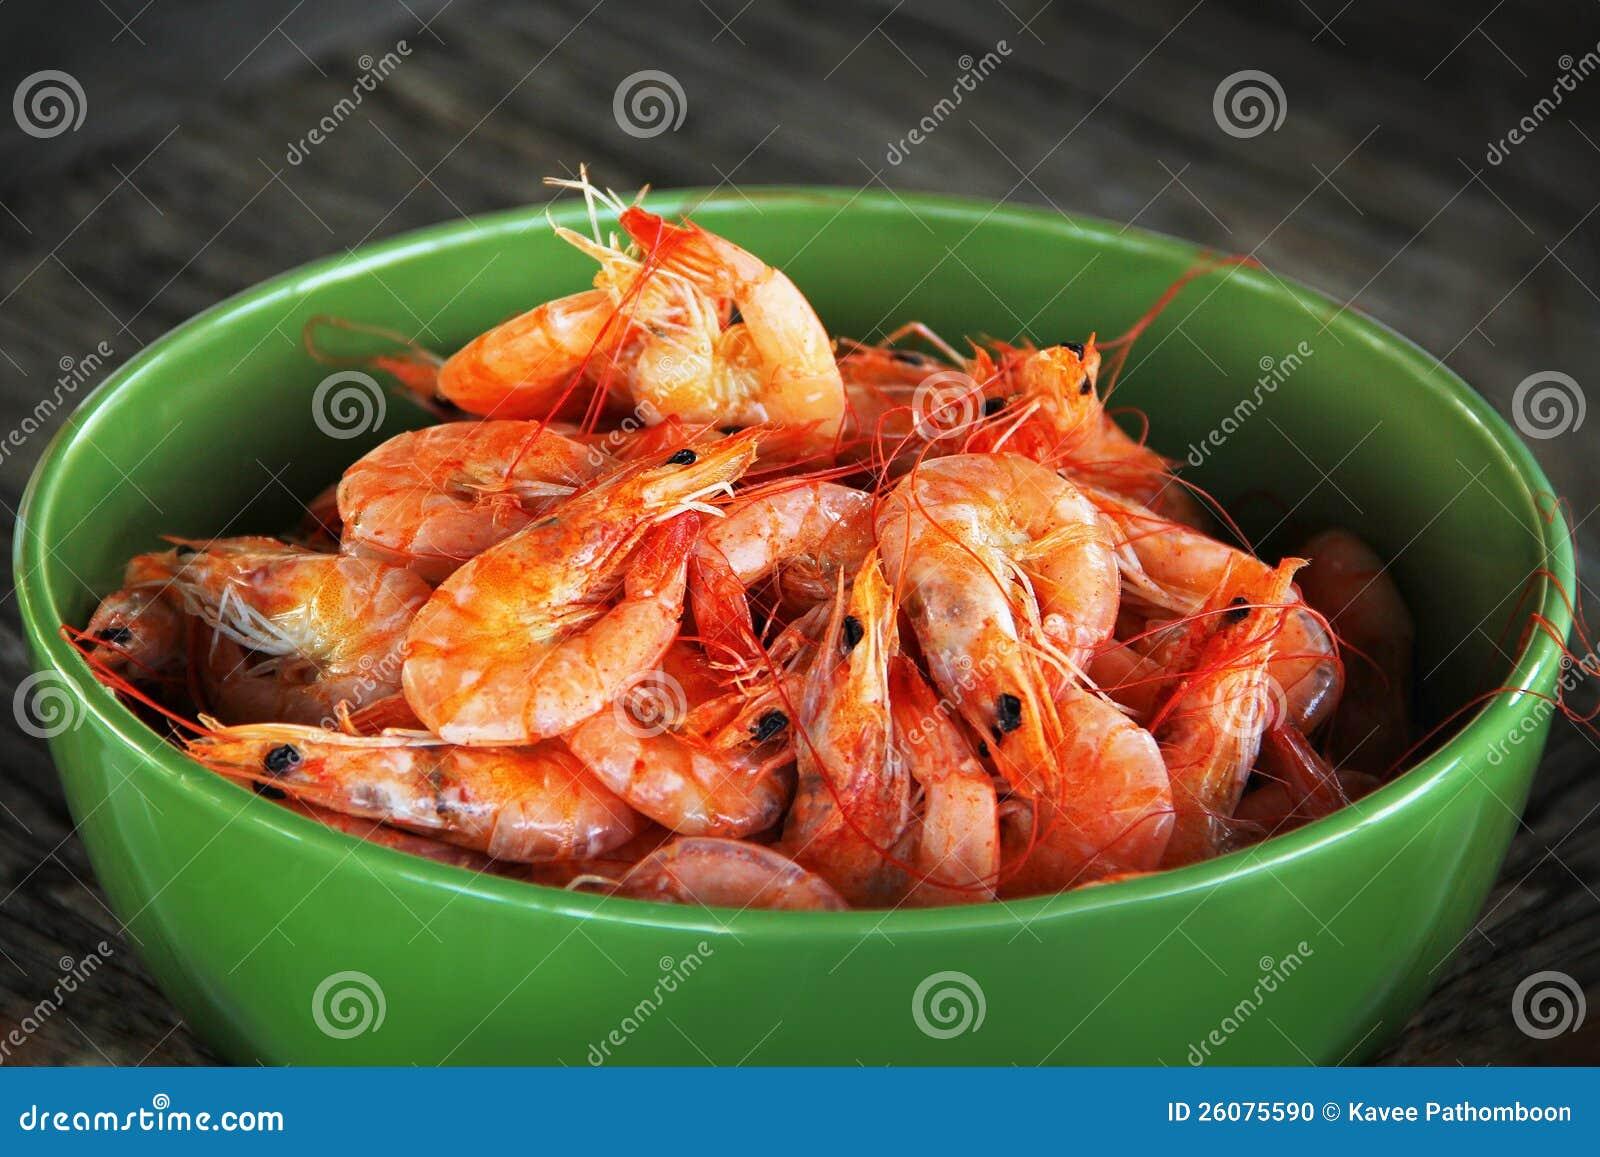 Shrimp Stock Photo - Image: 26075590